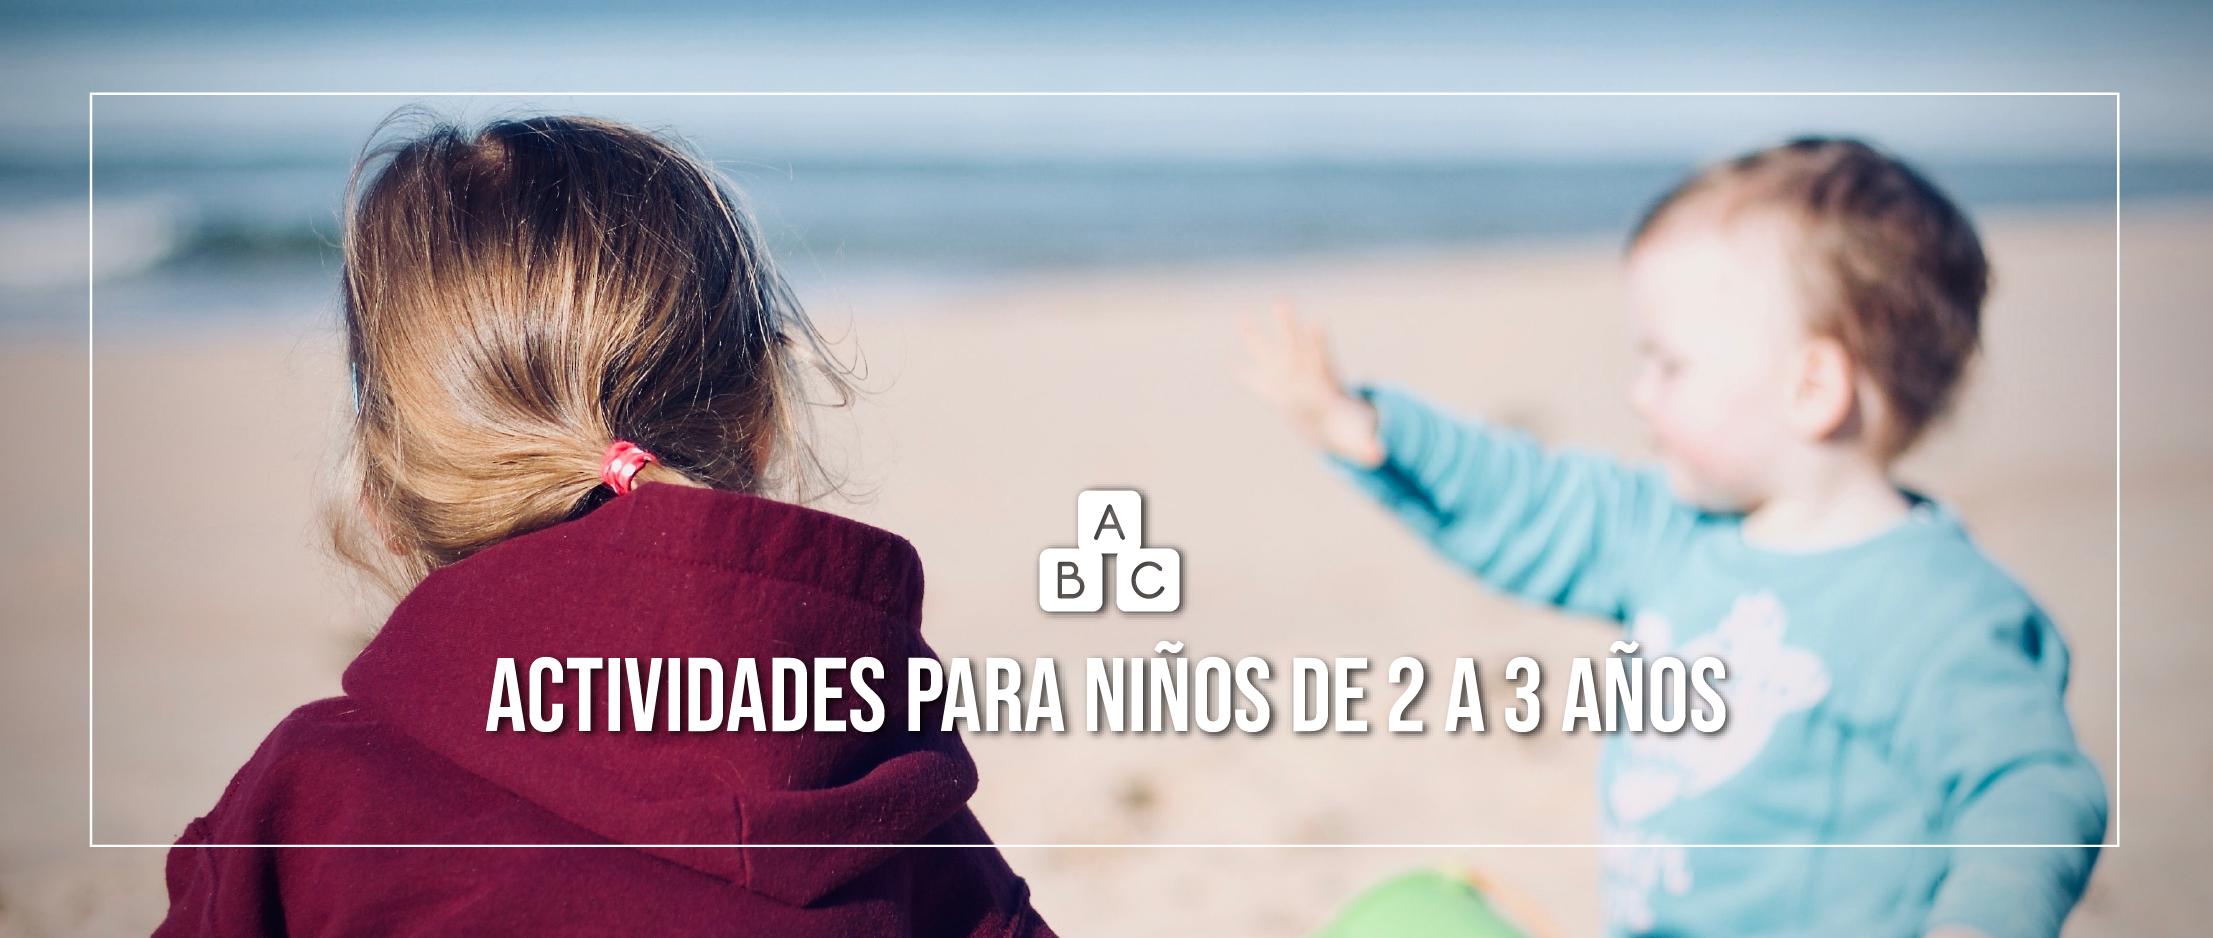 Las mejores actividades para niños de 2 a 3 años para este verano